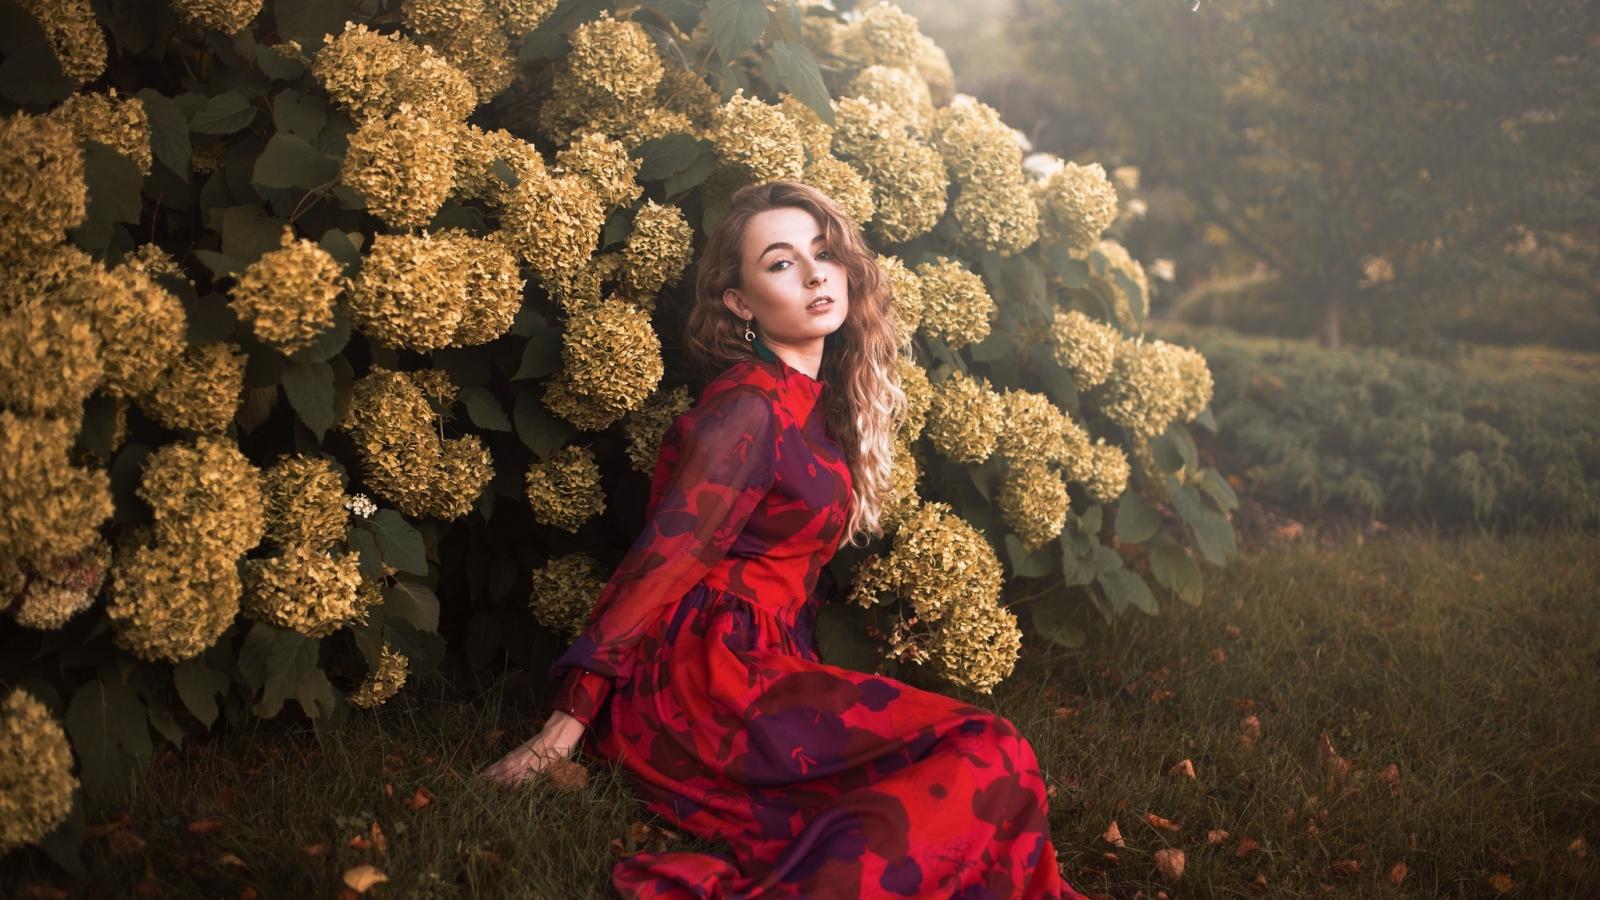 Download 1600x900 wallpaper garden, flowers, photoshoot, girl model ...